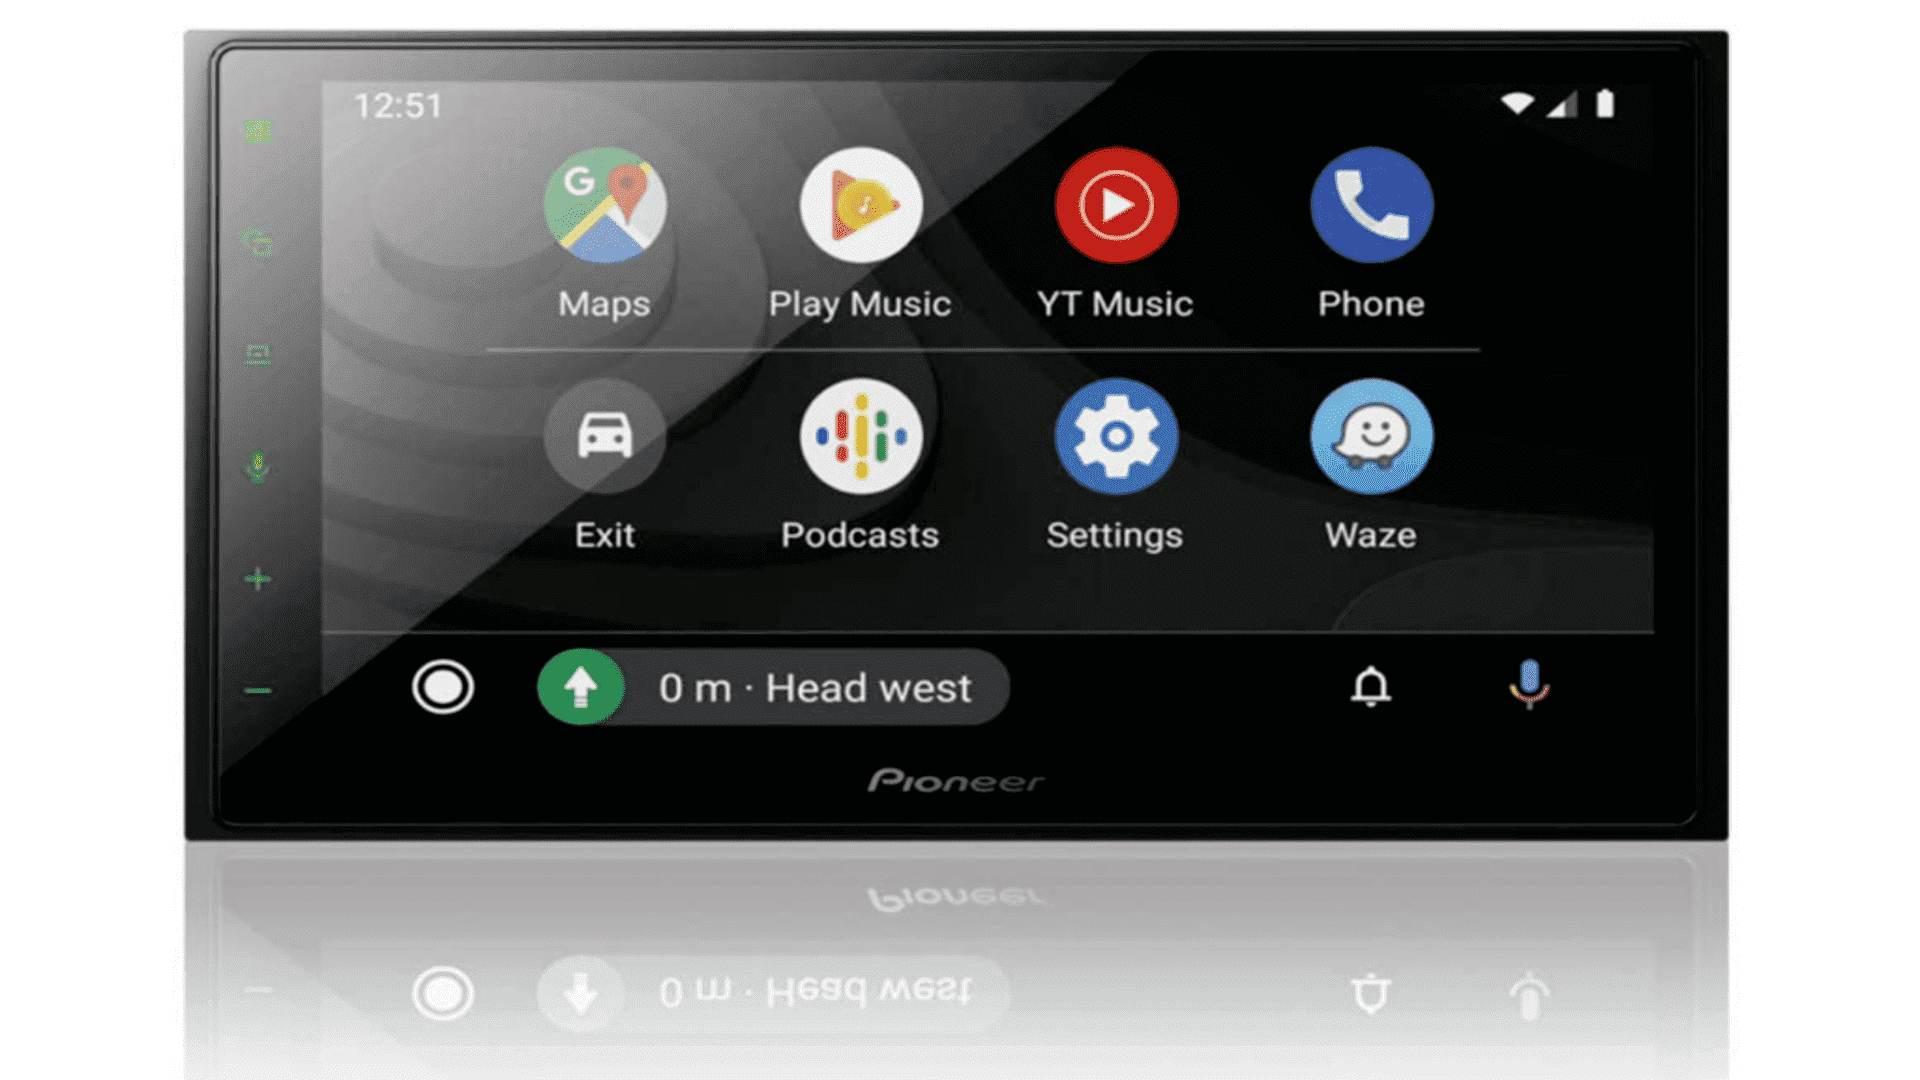 Imagem mostra Automotiva Pioneer 7 DMH-Z5380, que possui tela de touchscreen e não possui botões